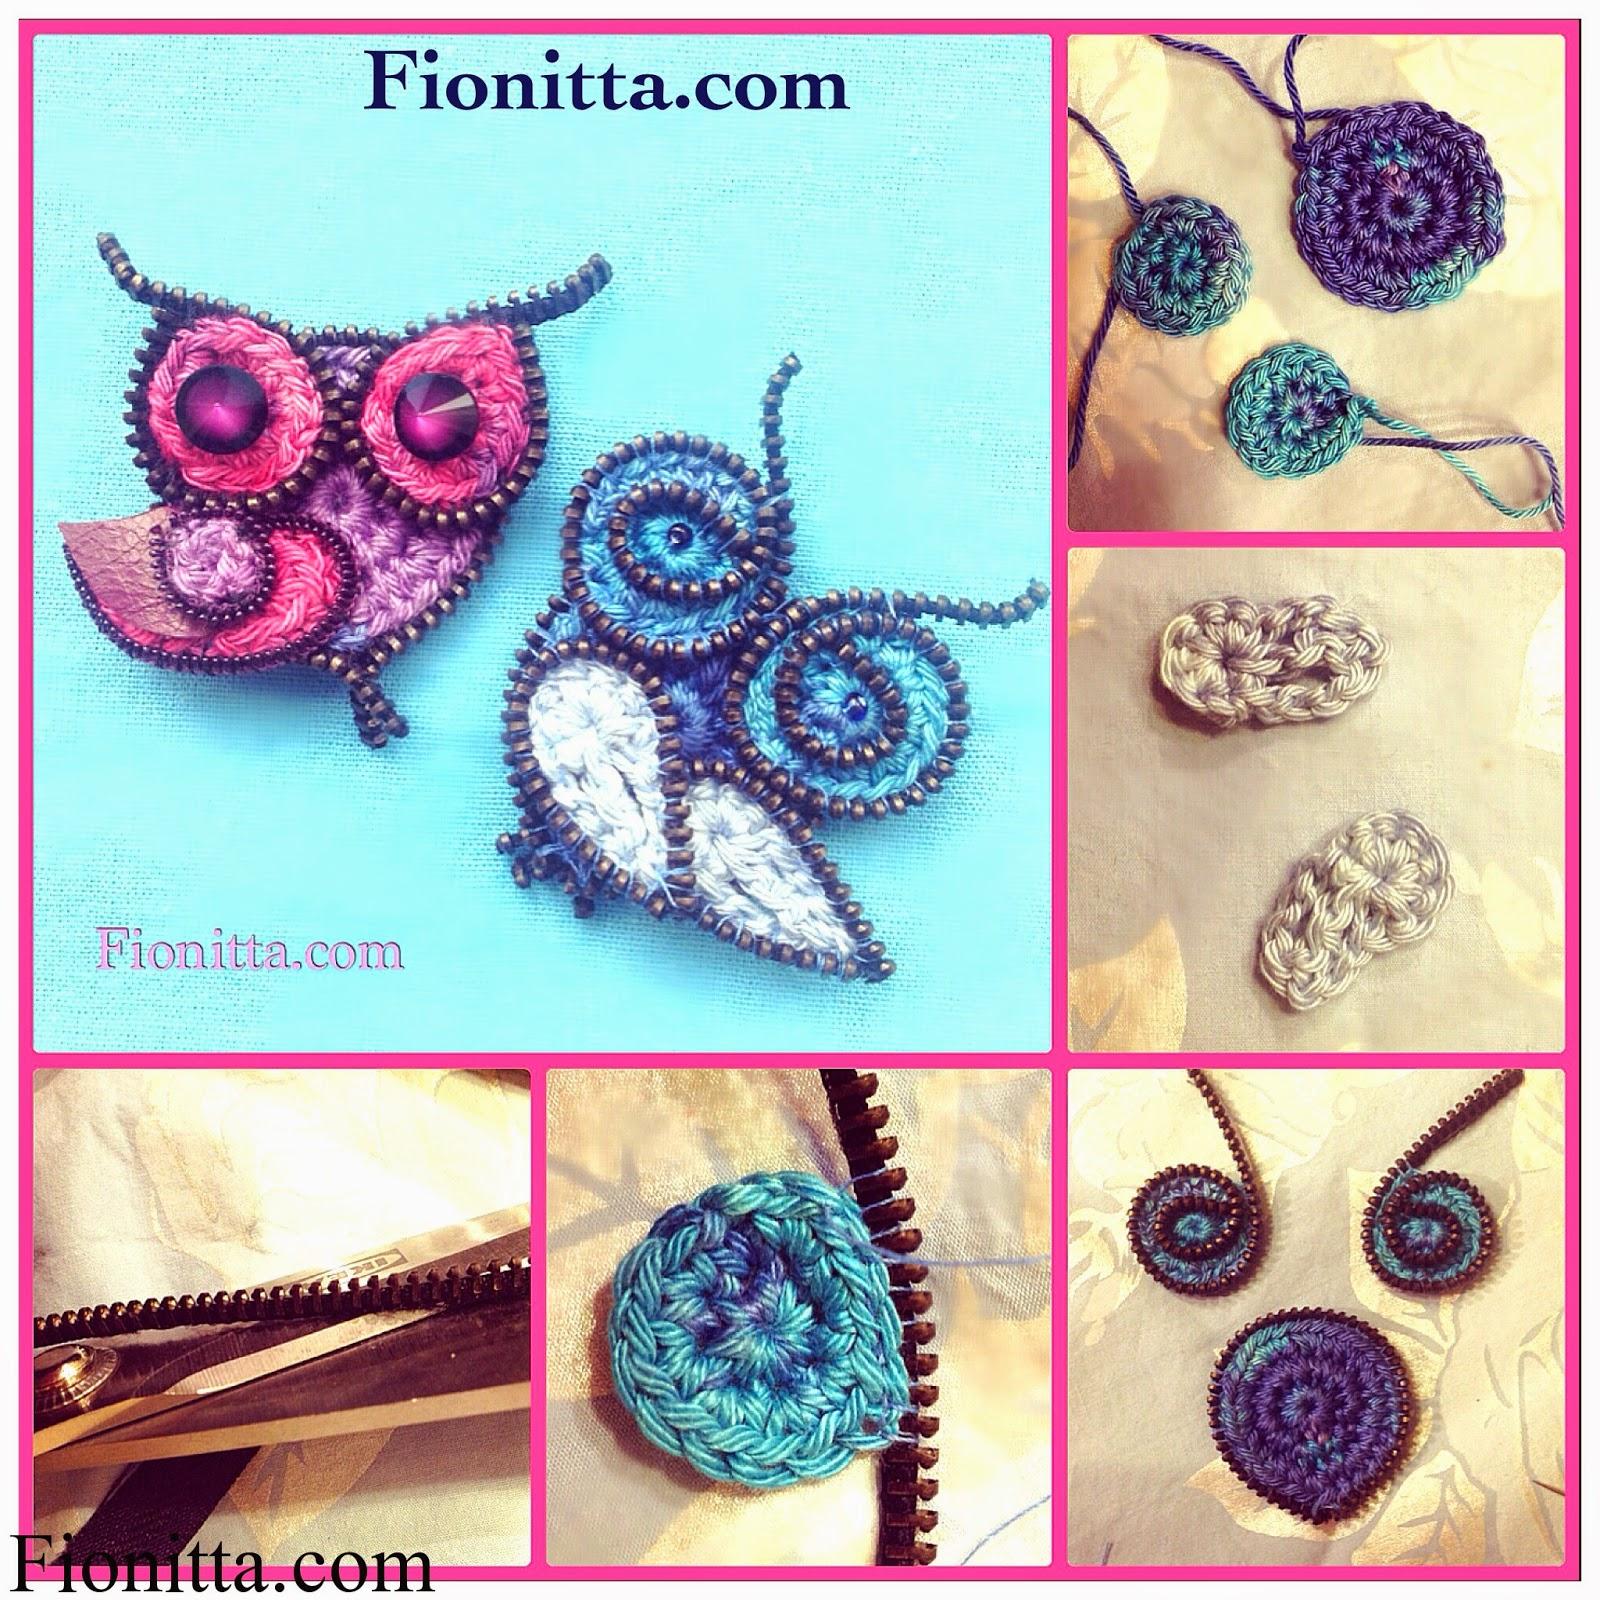 Hermosa Patrón De Crochet Búho Modelo - Ideas de Patrones de Costura ...